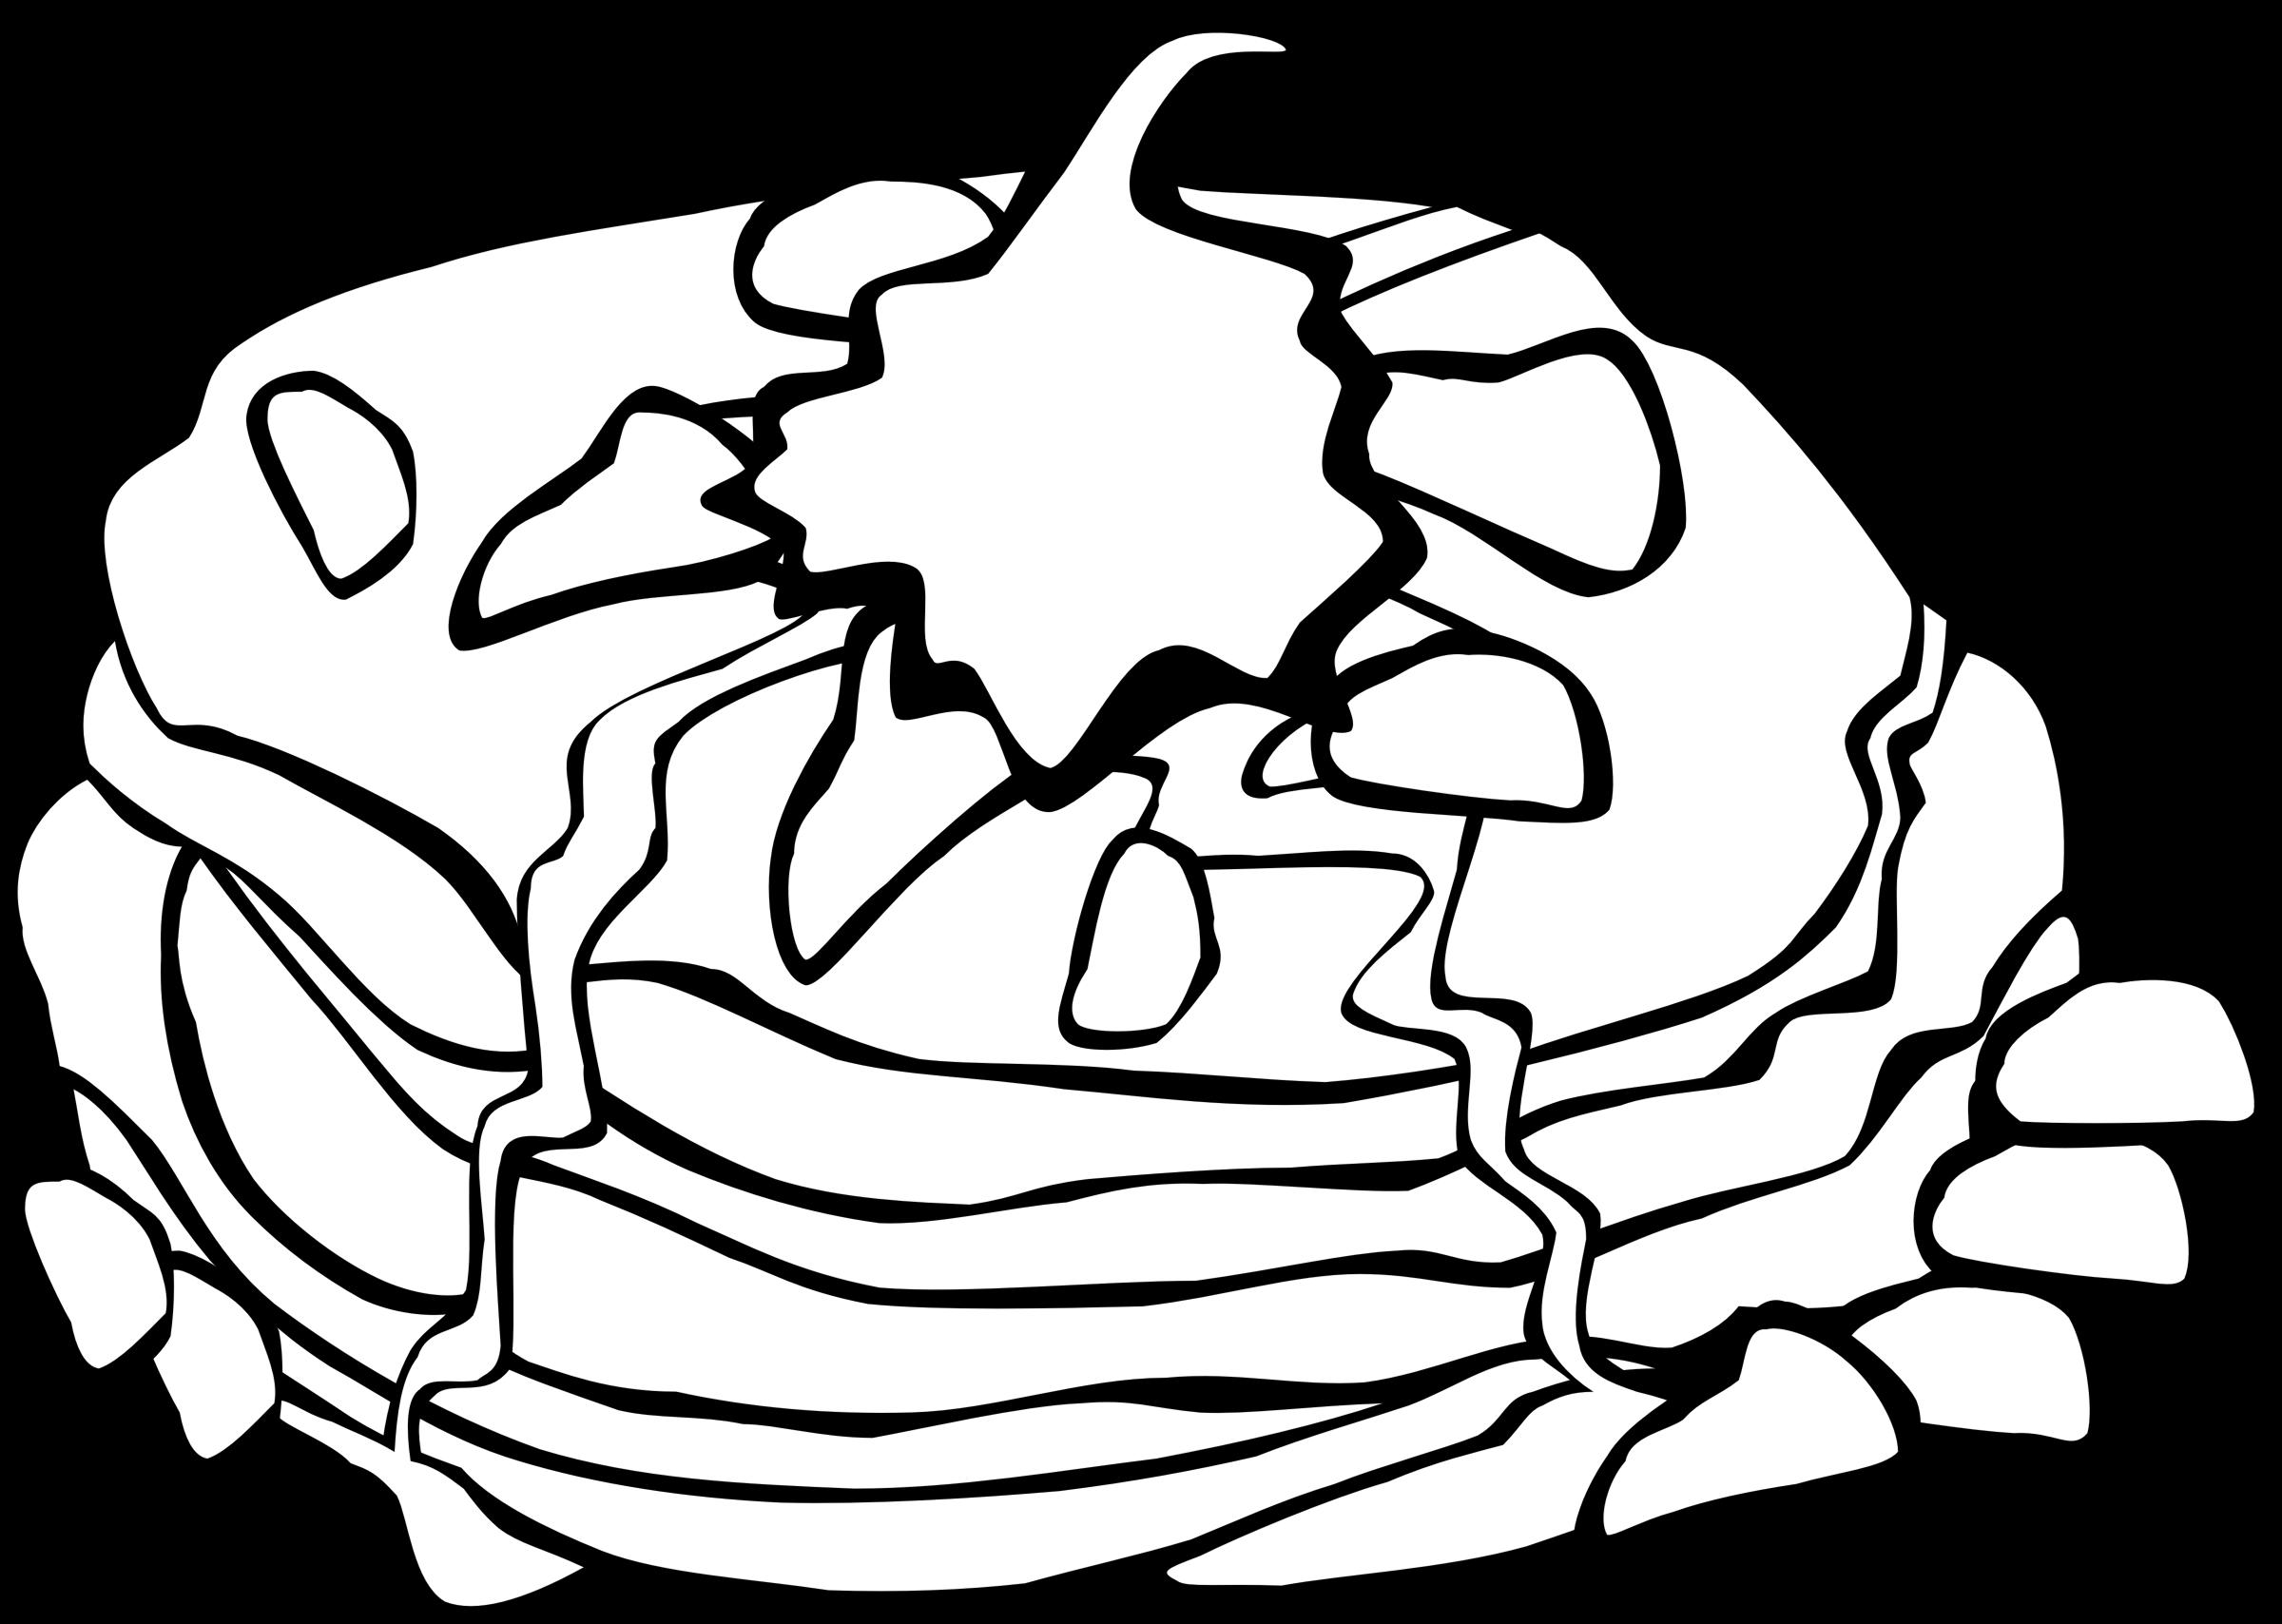 Fast breakfast pancakes big. Food clipart meeting